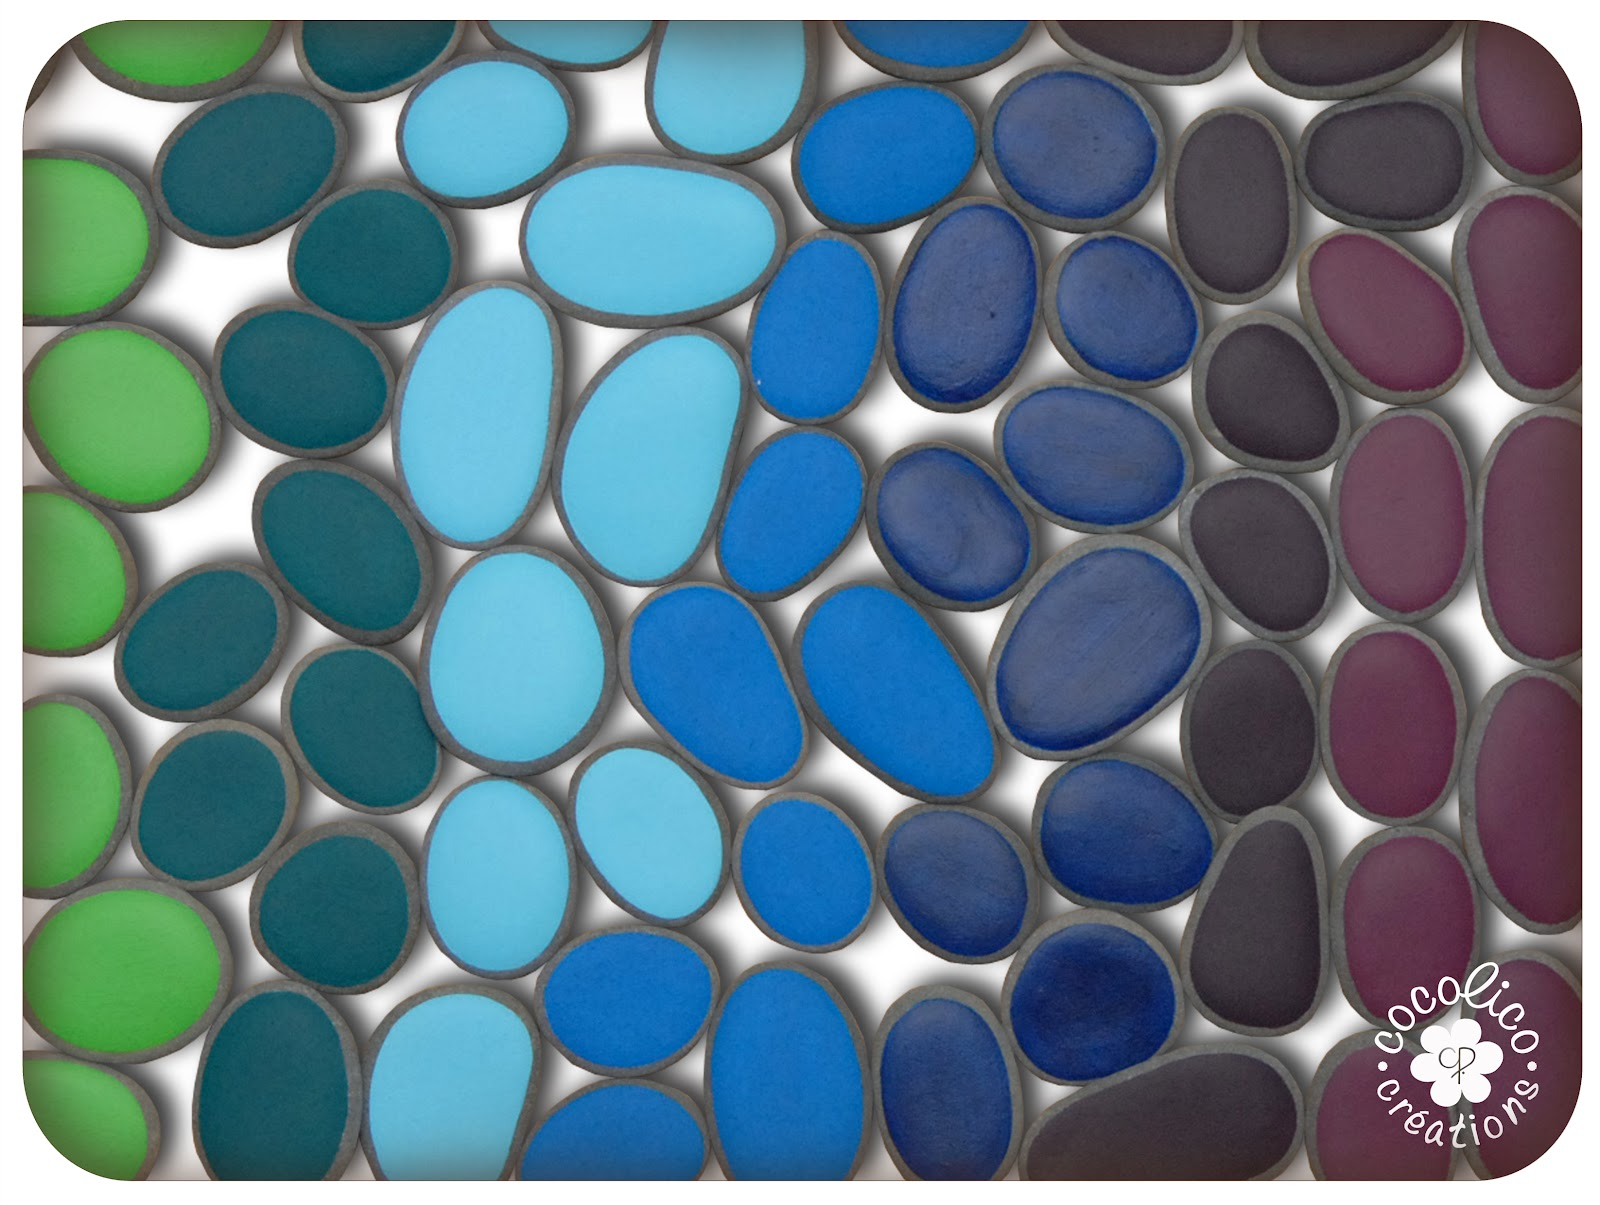 cocolico creations harmonie de couleurs sur galets tons froids. Black Bedroom Furniture Sets. Home Design Ideas